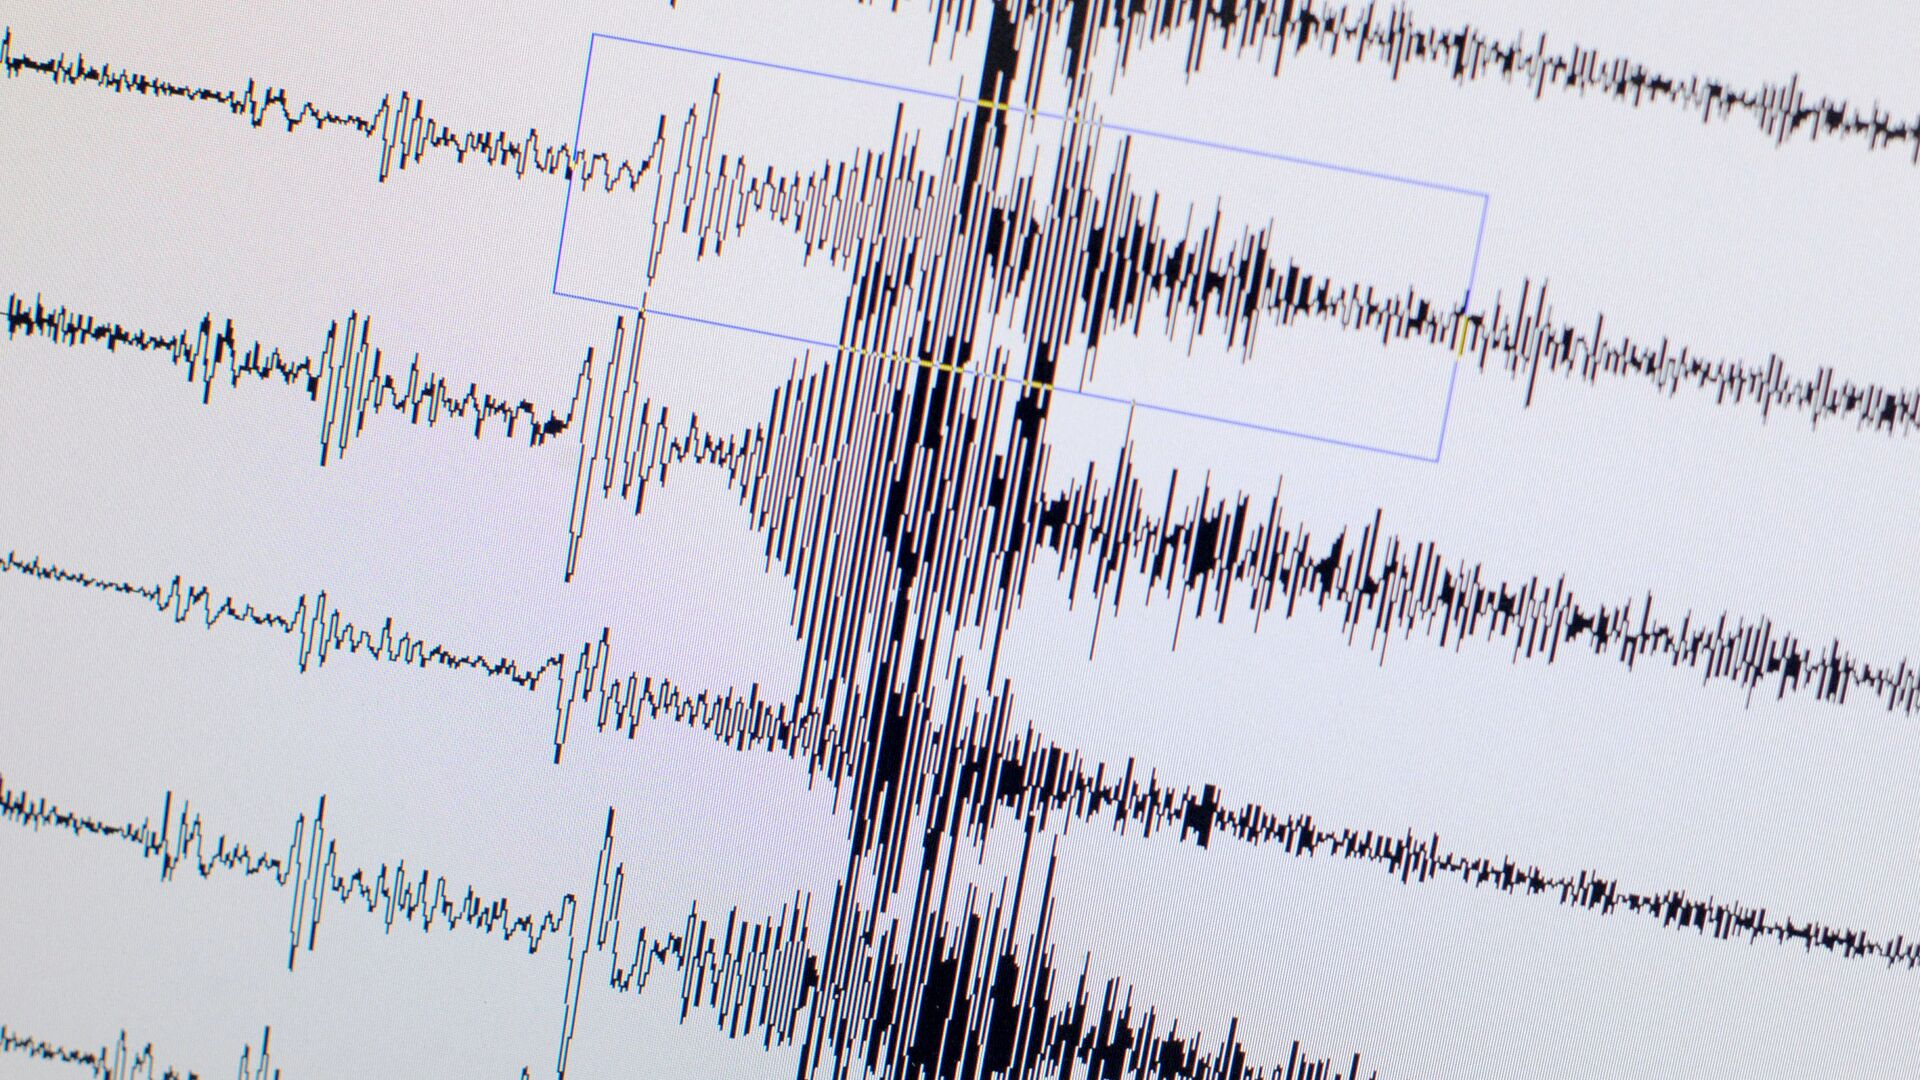 Σεισμός - Sputnik Ελλάδα, 1920, 23.09.2021